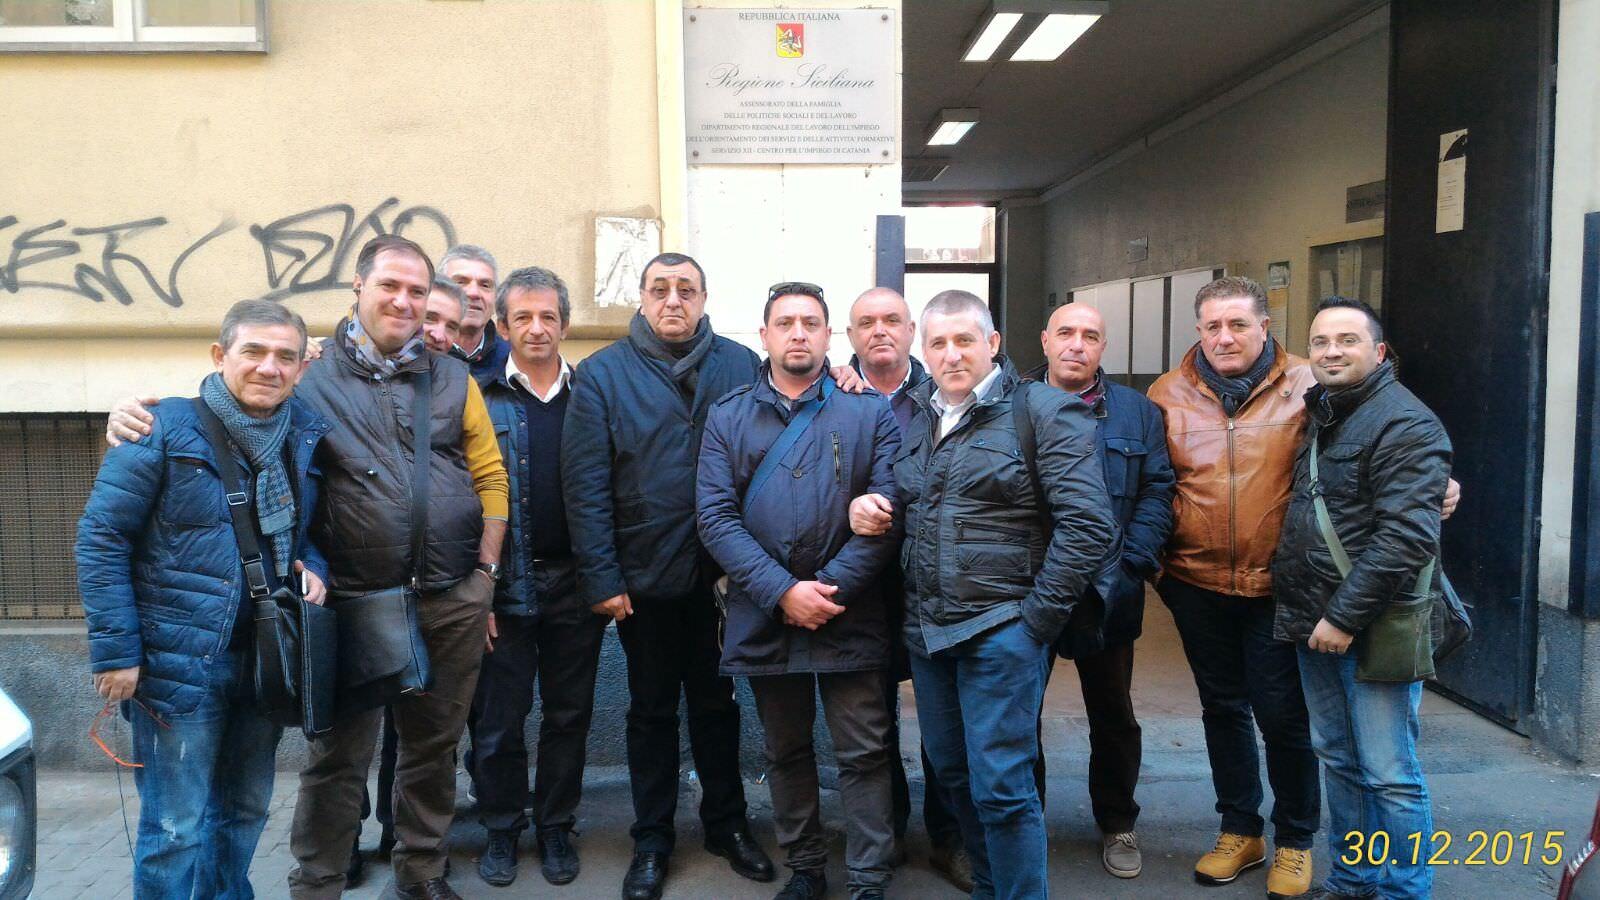 Tecnis: a Catania cassa integrazione anche per le aziende collegate